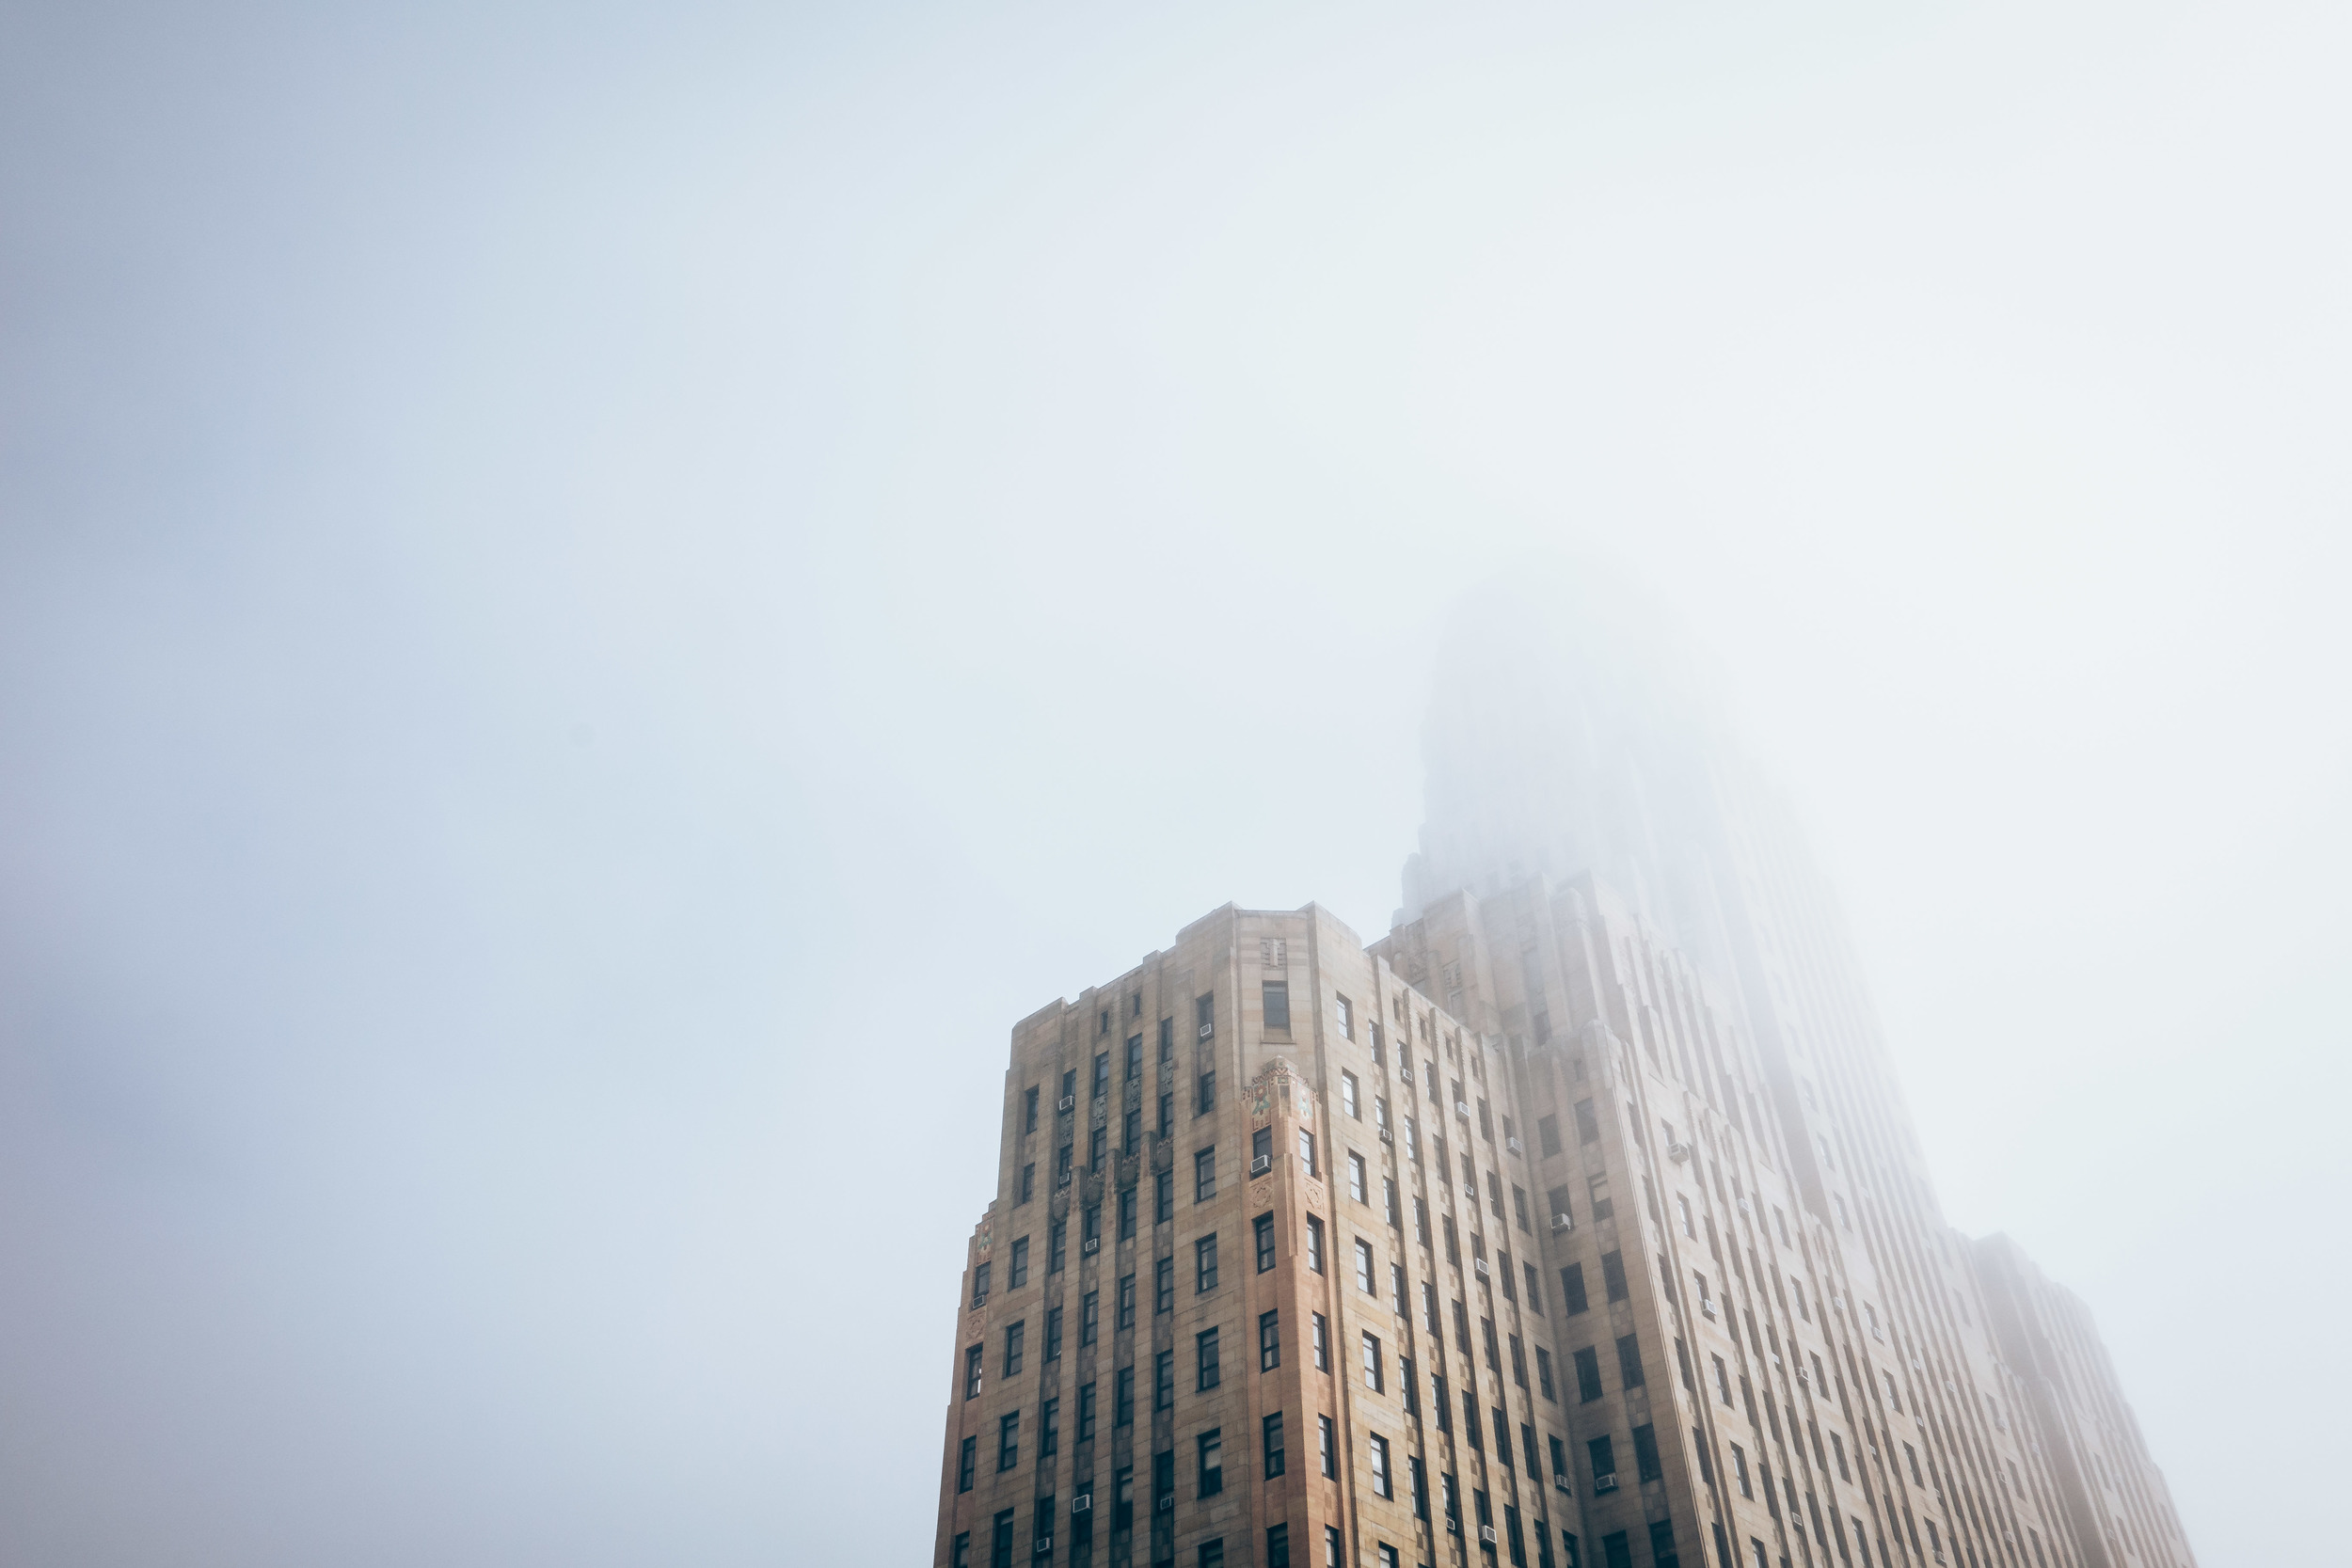 sarahwintlephotography_buffalocityhall_fog